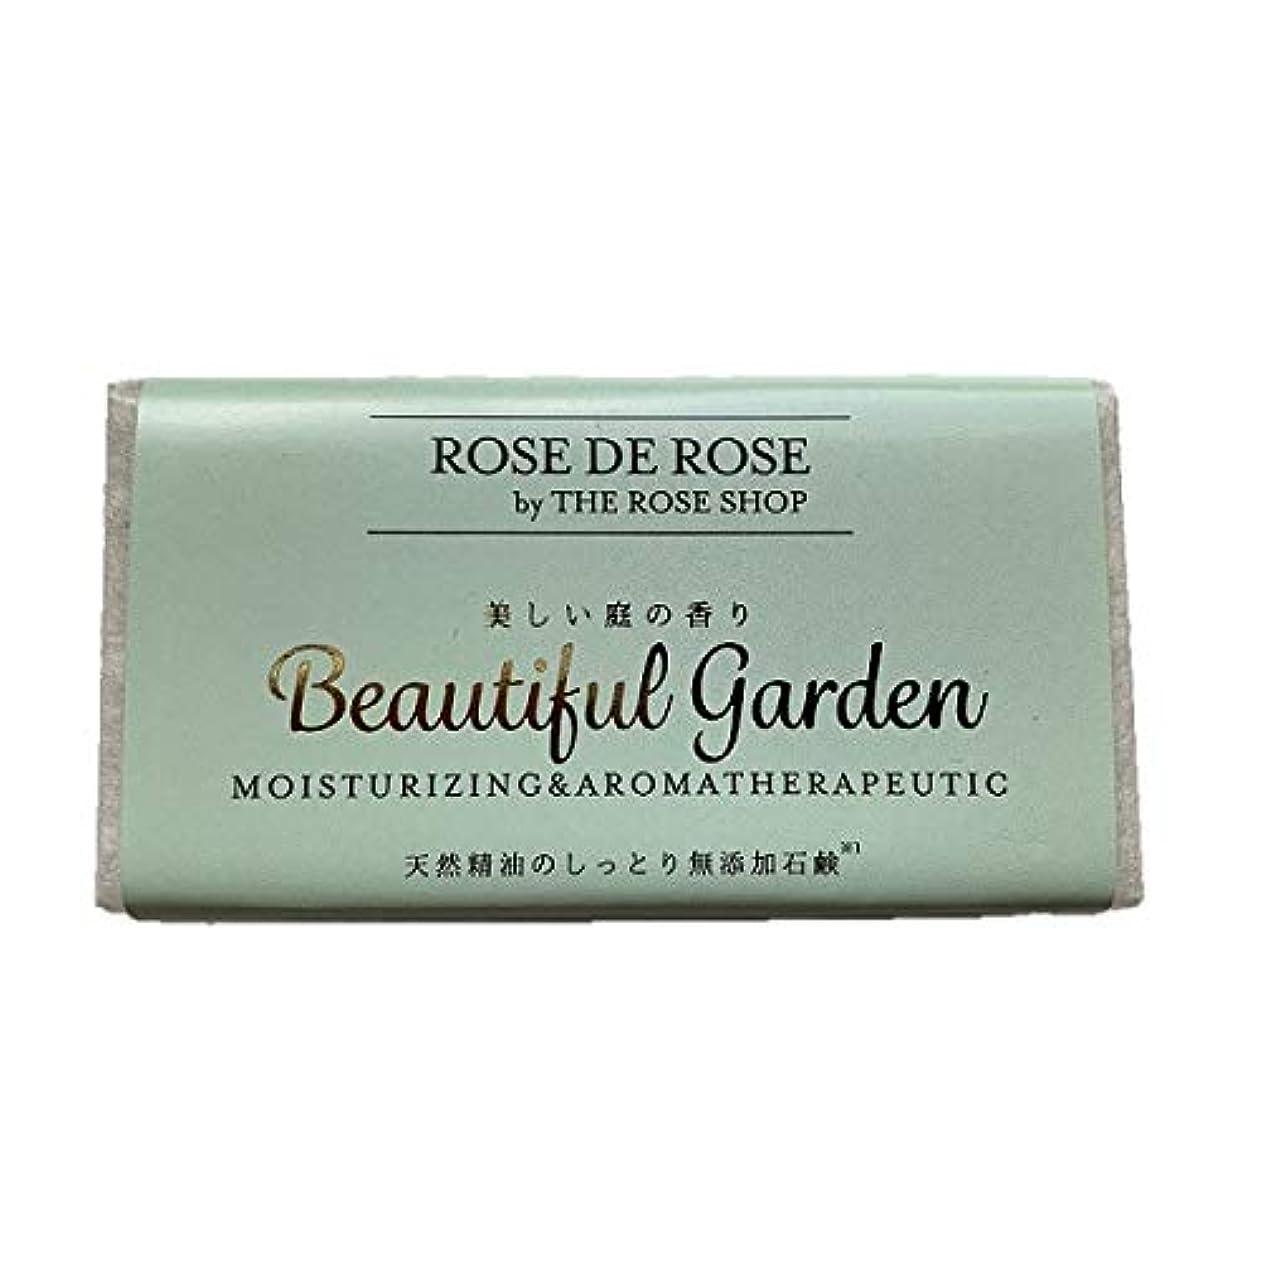 ホラーポジティブ廃止天然精油の無添加石鹸 「美しい庭の香り ビューティフルガーデン」2個セット